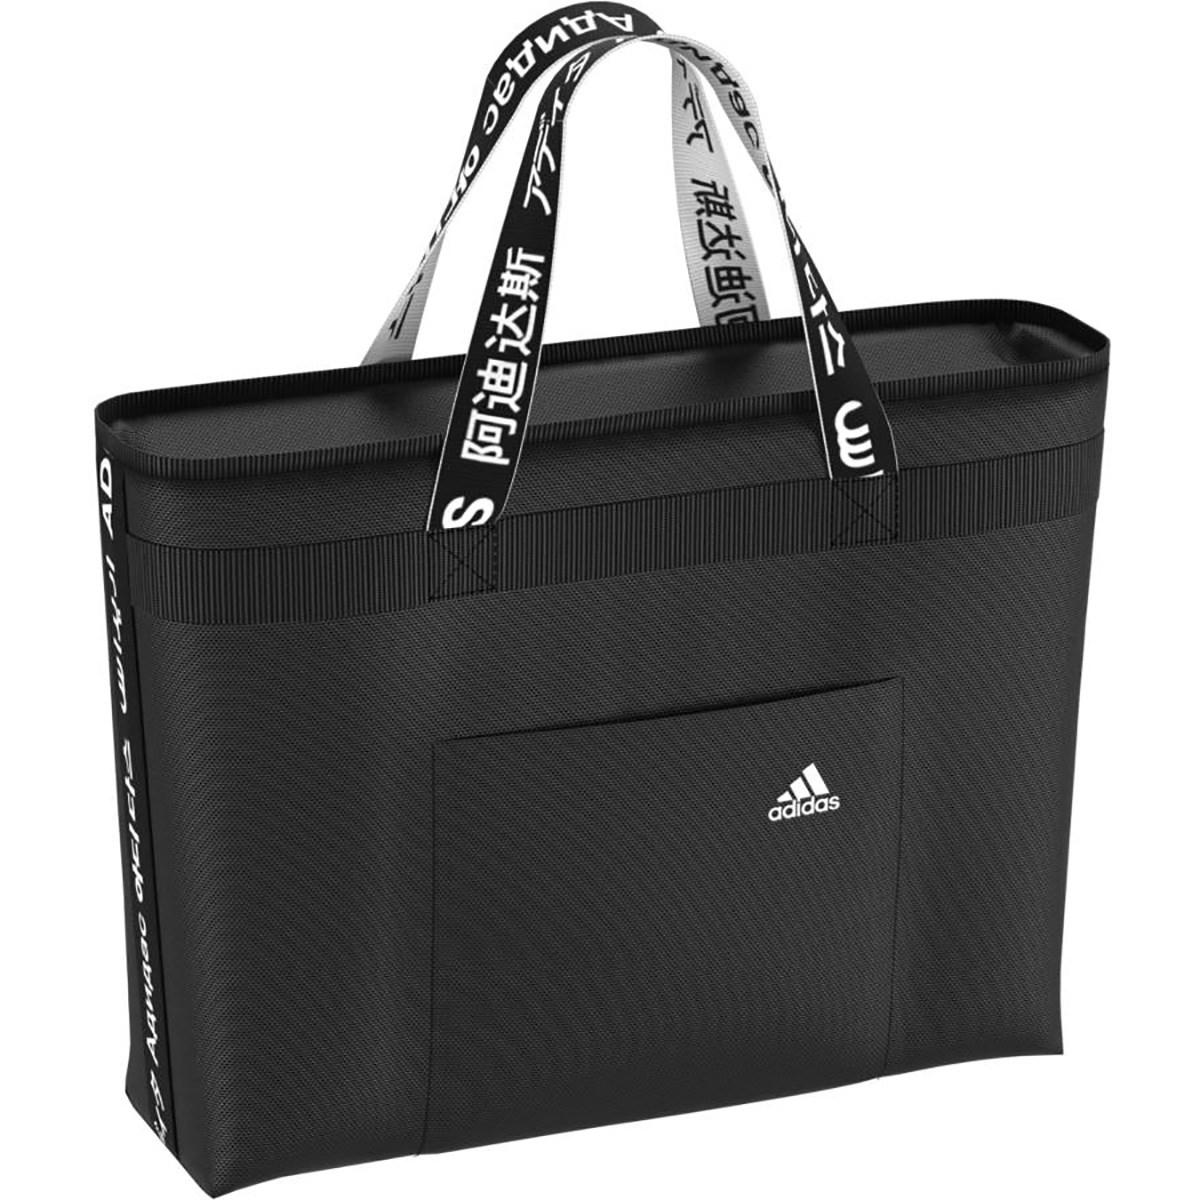 アディダス Adidas 4ATHLETES トートバッグ ブラック/ホワイト レディス